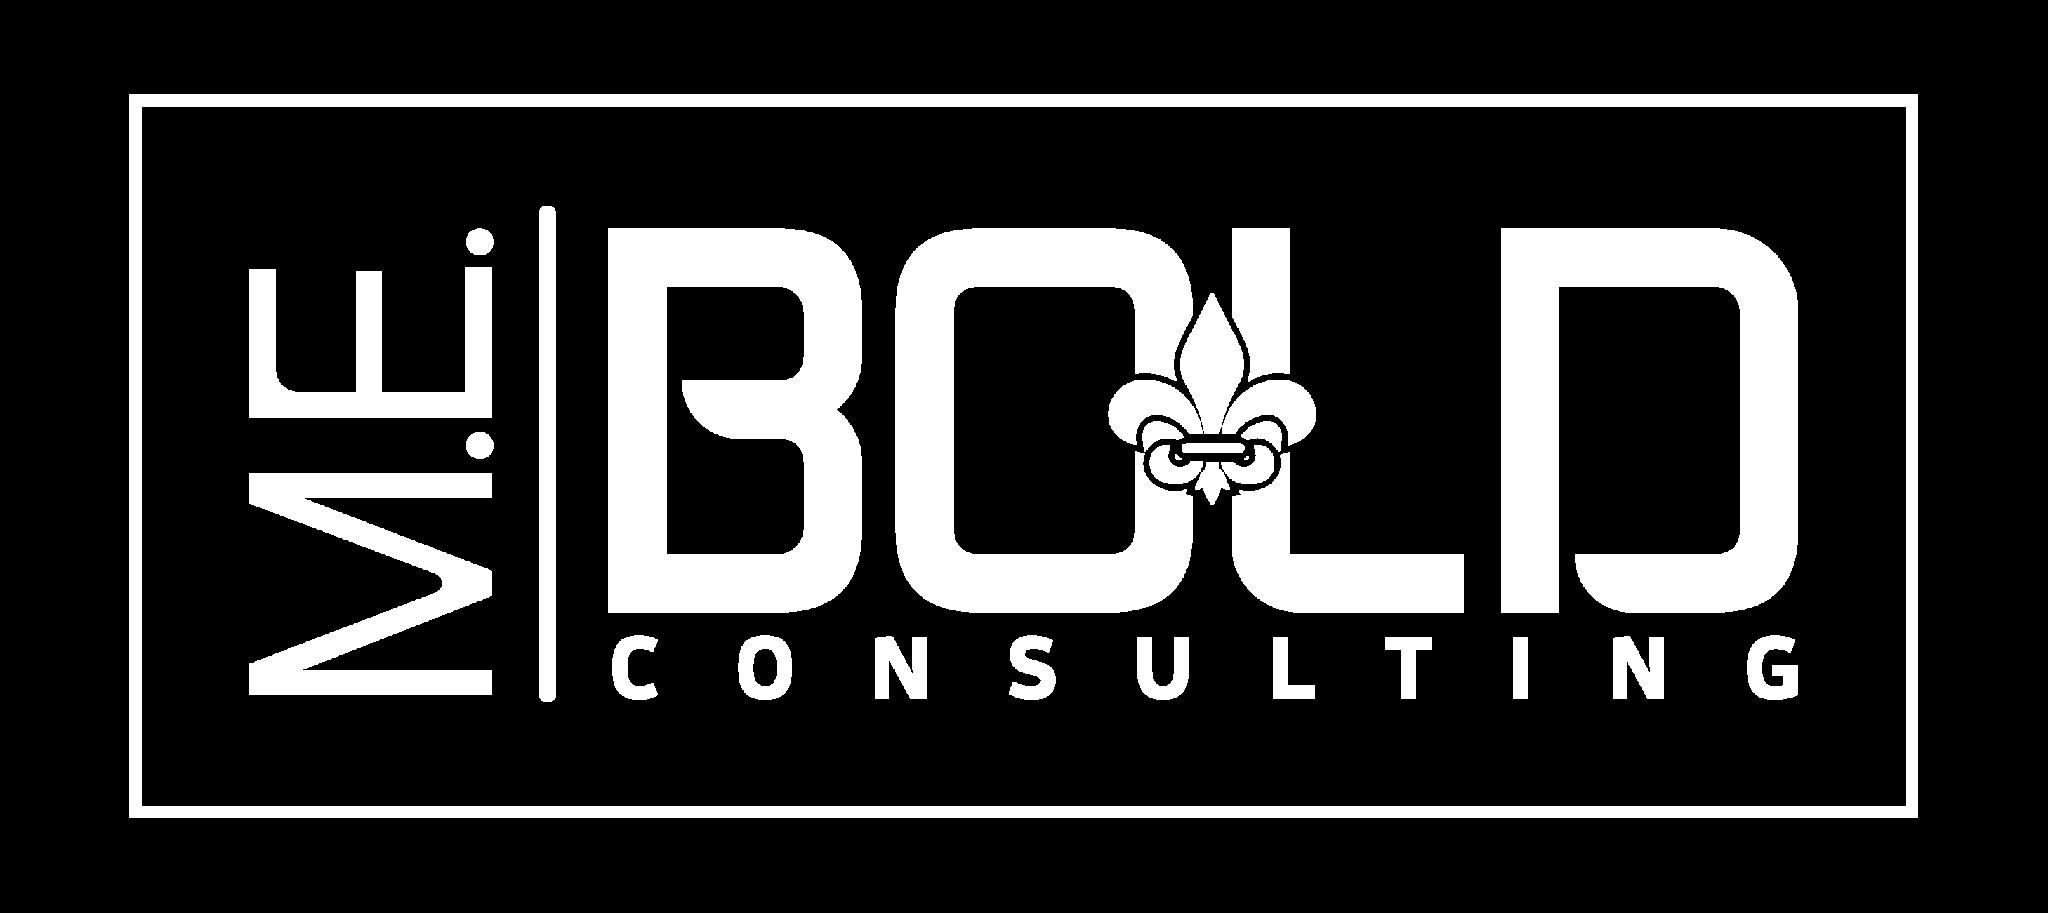 M.E. BOLD Consulting